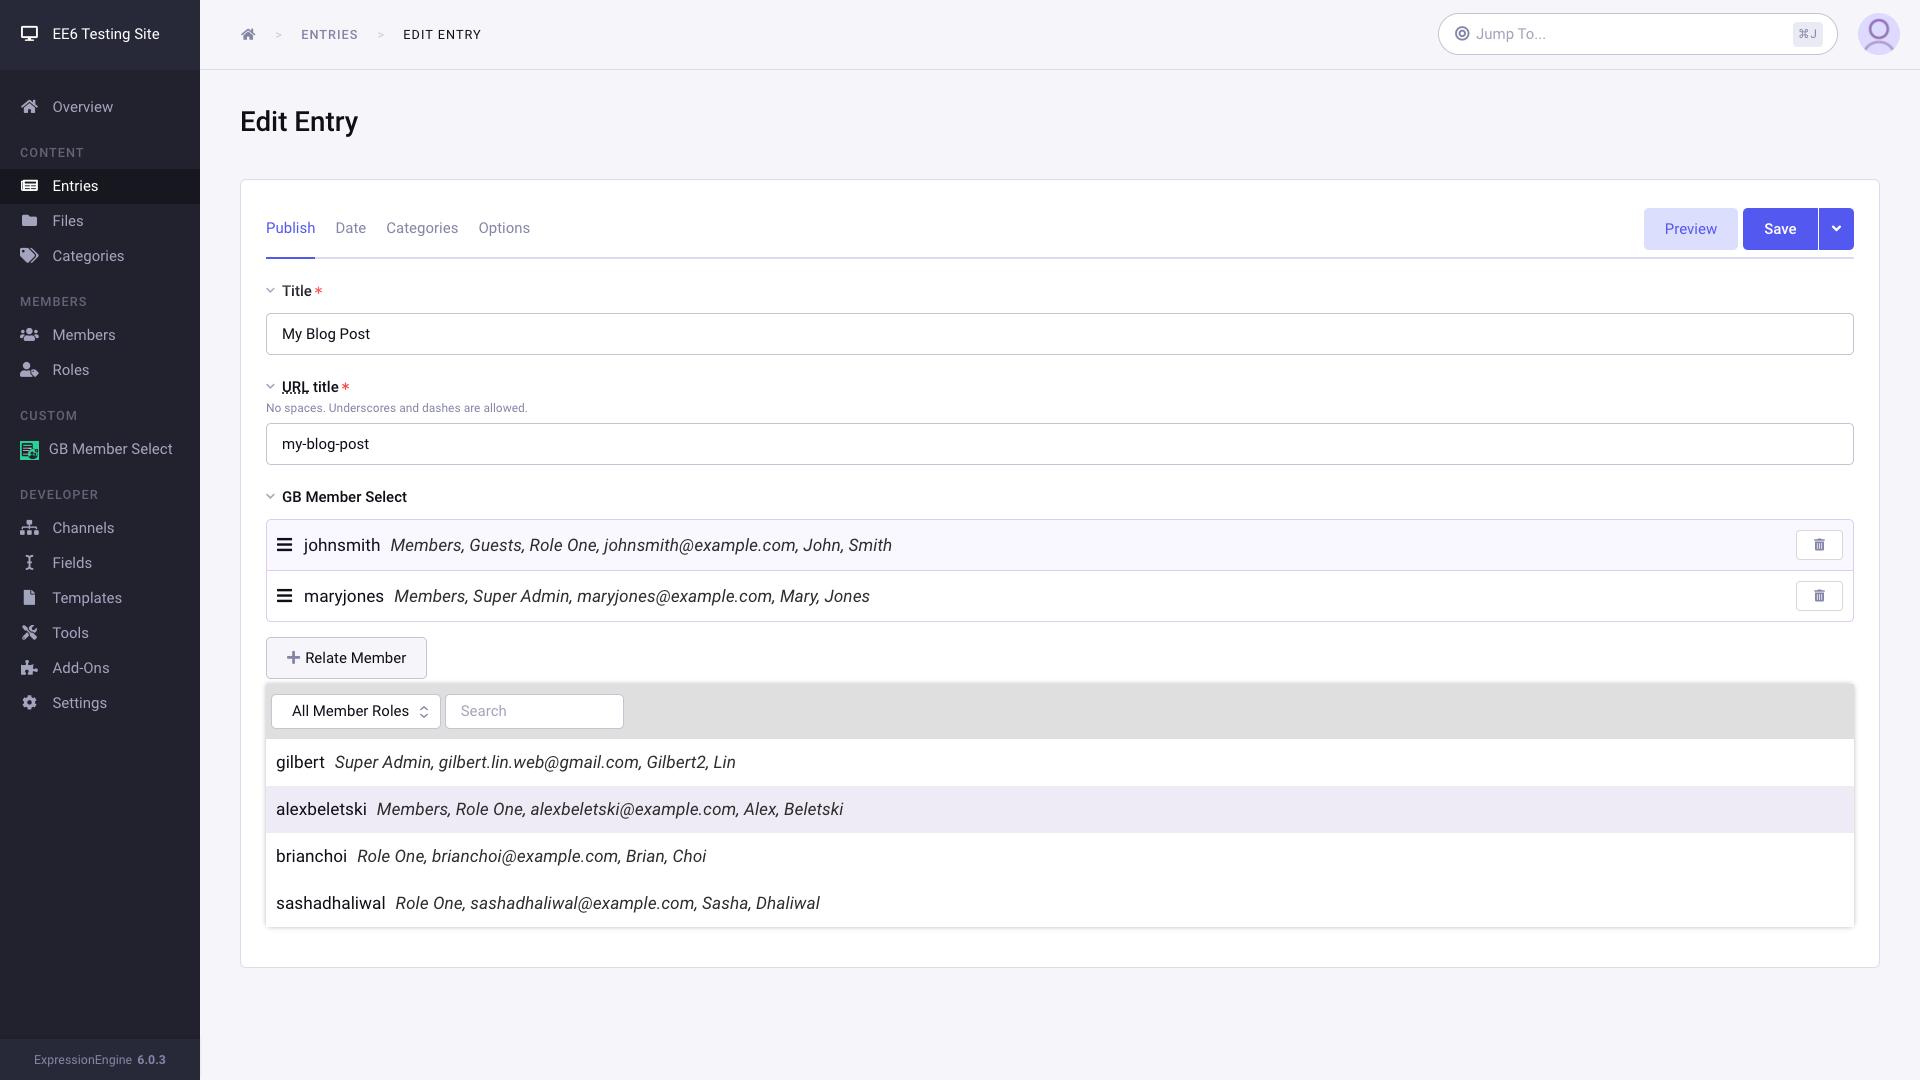 Screenshot of GB Member Select on entry edit screen